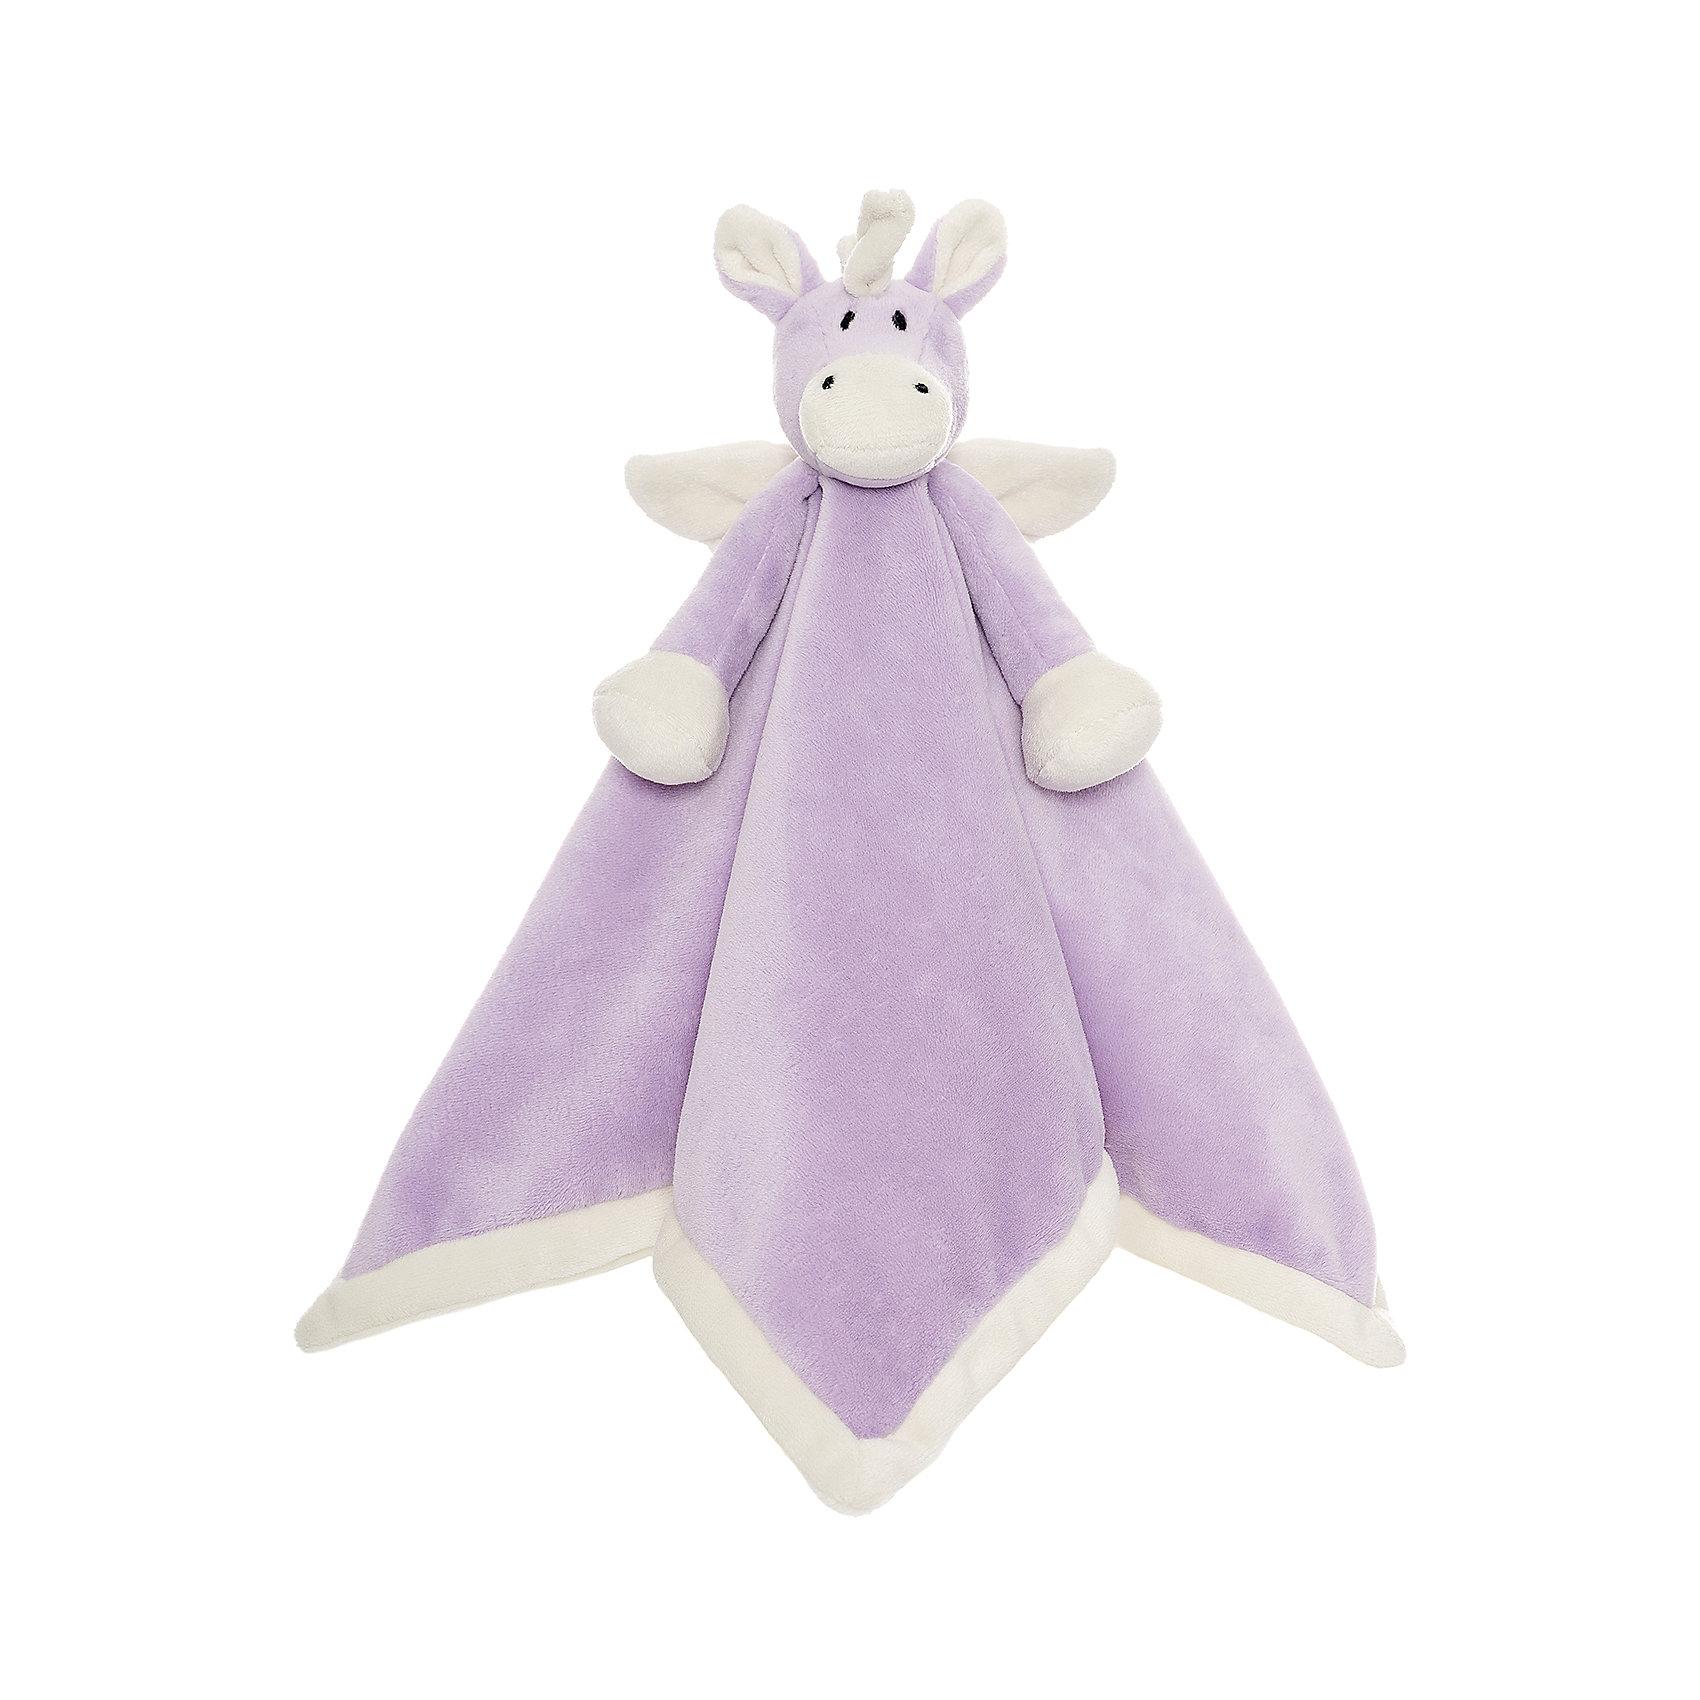 Игрушка-салфетка Единорог, ДинглисарХарактеристики мягкой игрушки Teddykompaniet: <br><br>• размер салфетки: 35х35 см;<br>• материал: 100% хлопок (безворсовый велюр);<br>• серия: Динглисар.<br><br>Мягкая велюровая салфетка для малышей декорирована объемной мордочкой единорога, которая находится в центре салфетки. Малыш теребит салфетку в ручках, прикосновения к мягкому велюровому материалу развивают тактильное восприятие крохи. Салфетка хорошо впитывает влагу, ее можно использовать на этапе прорезывания зубок, когда у малыша обильное слюноотделение. <br><br>В процессе игры развивается мелкая моторика пальчиков, цветовосприятие, тактильное восприятие. <br><br>Игрушку-салфетку Единорог, Динглисар можно купить в нашем интернет-магазине.<br><br>Ширина мм: 100<br>Глубина мм: 50<br>Высота мм: 100<br>Вес г: 100<br>Возраст от месяцев: 0<br>Возраст до месяцев: 12<br>Пол: Женский<br>Возраст: Детский<br>SKU: 5219513